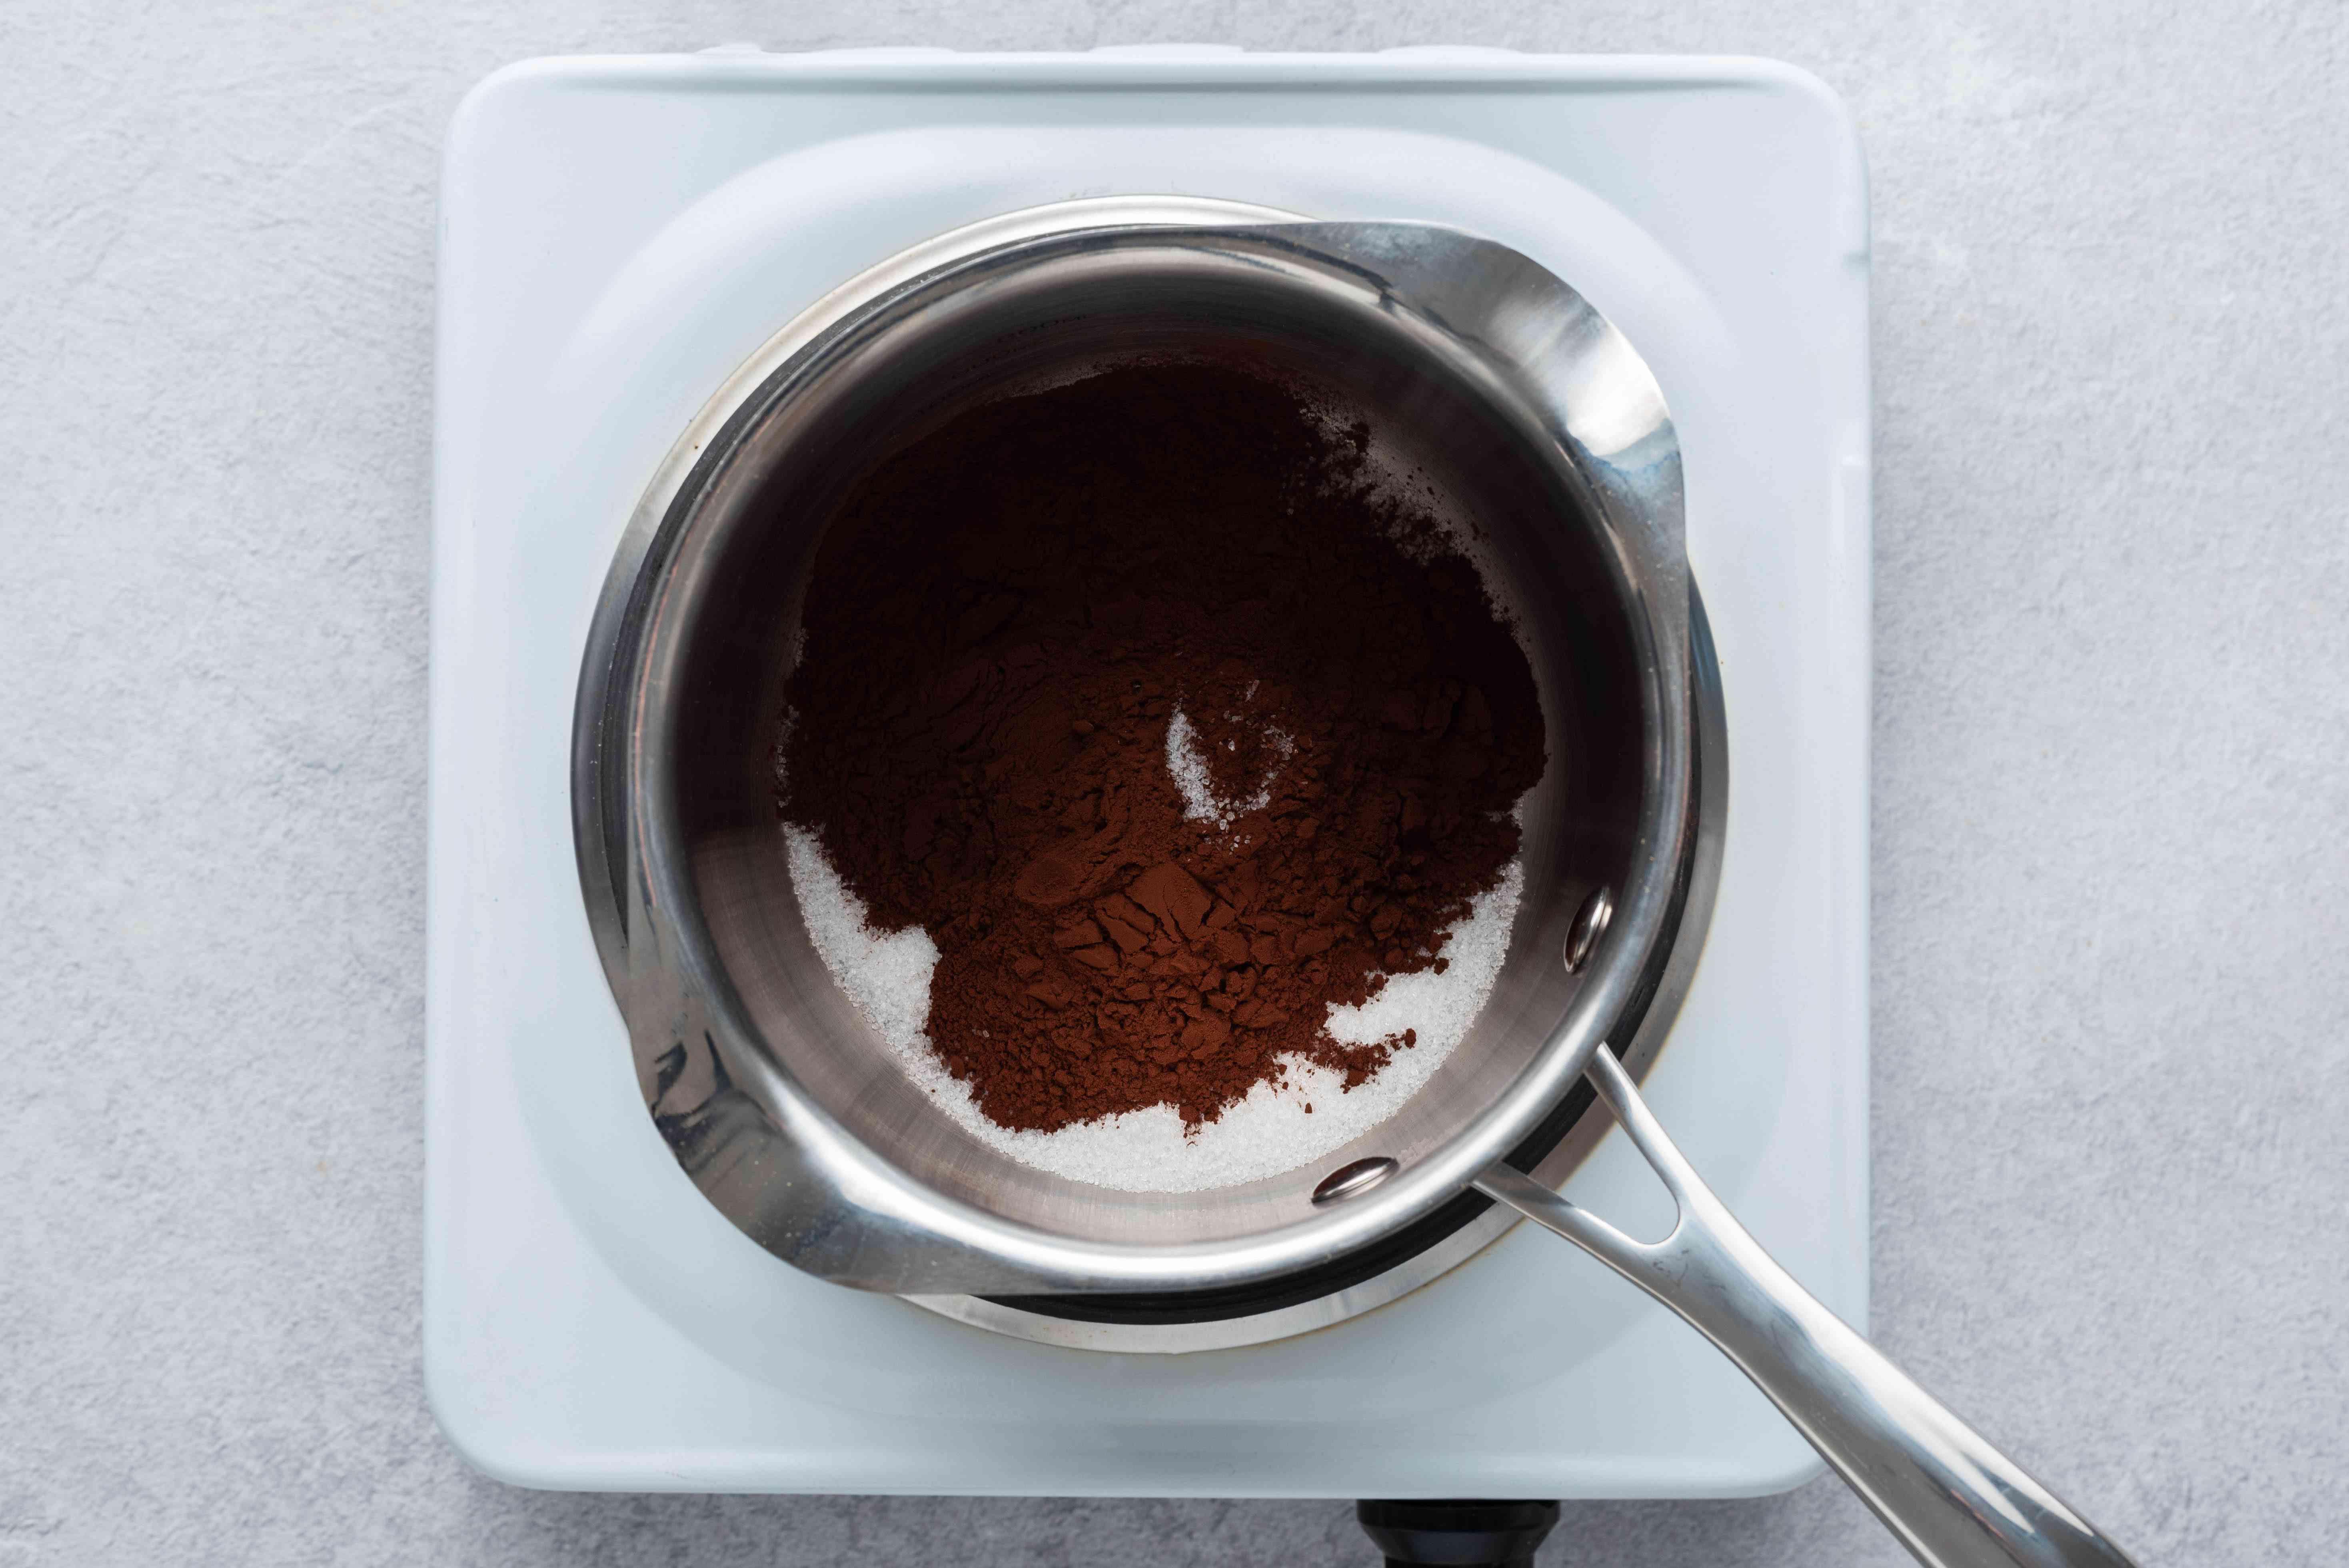 In a small saucepan, combine the sugar, cocoa powder, and salt